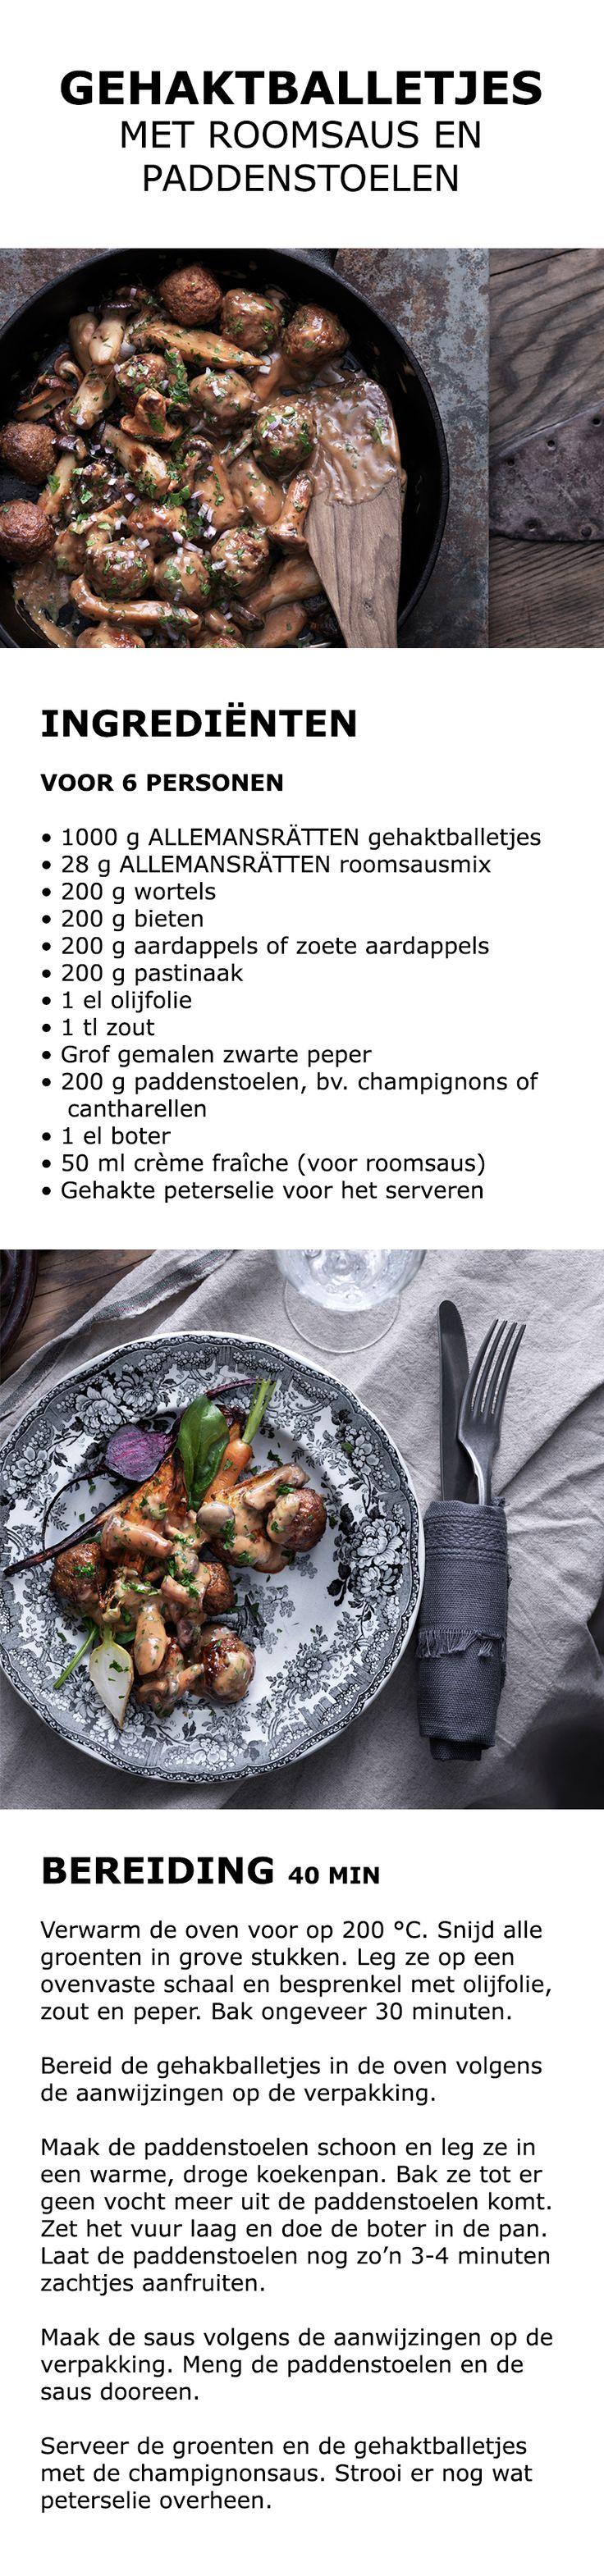 Inspiratie voor de feestdagen - Gehaktballetjes met roomsaus en paddenstoelen | IKEA IKEAnederland koken keuken recept herfst winter kerst diner lunch wortel bieten aardappel